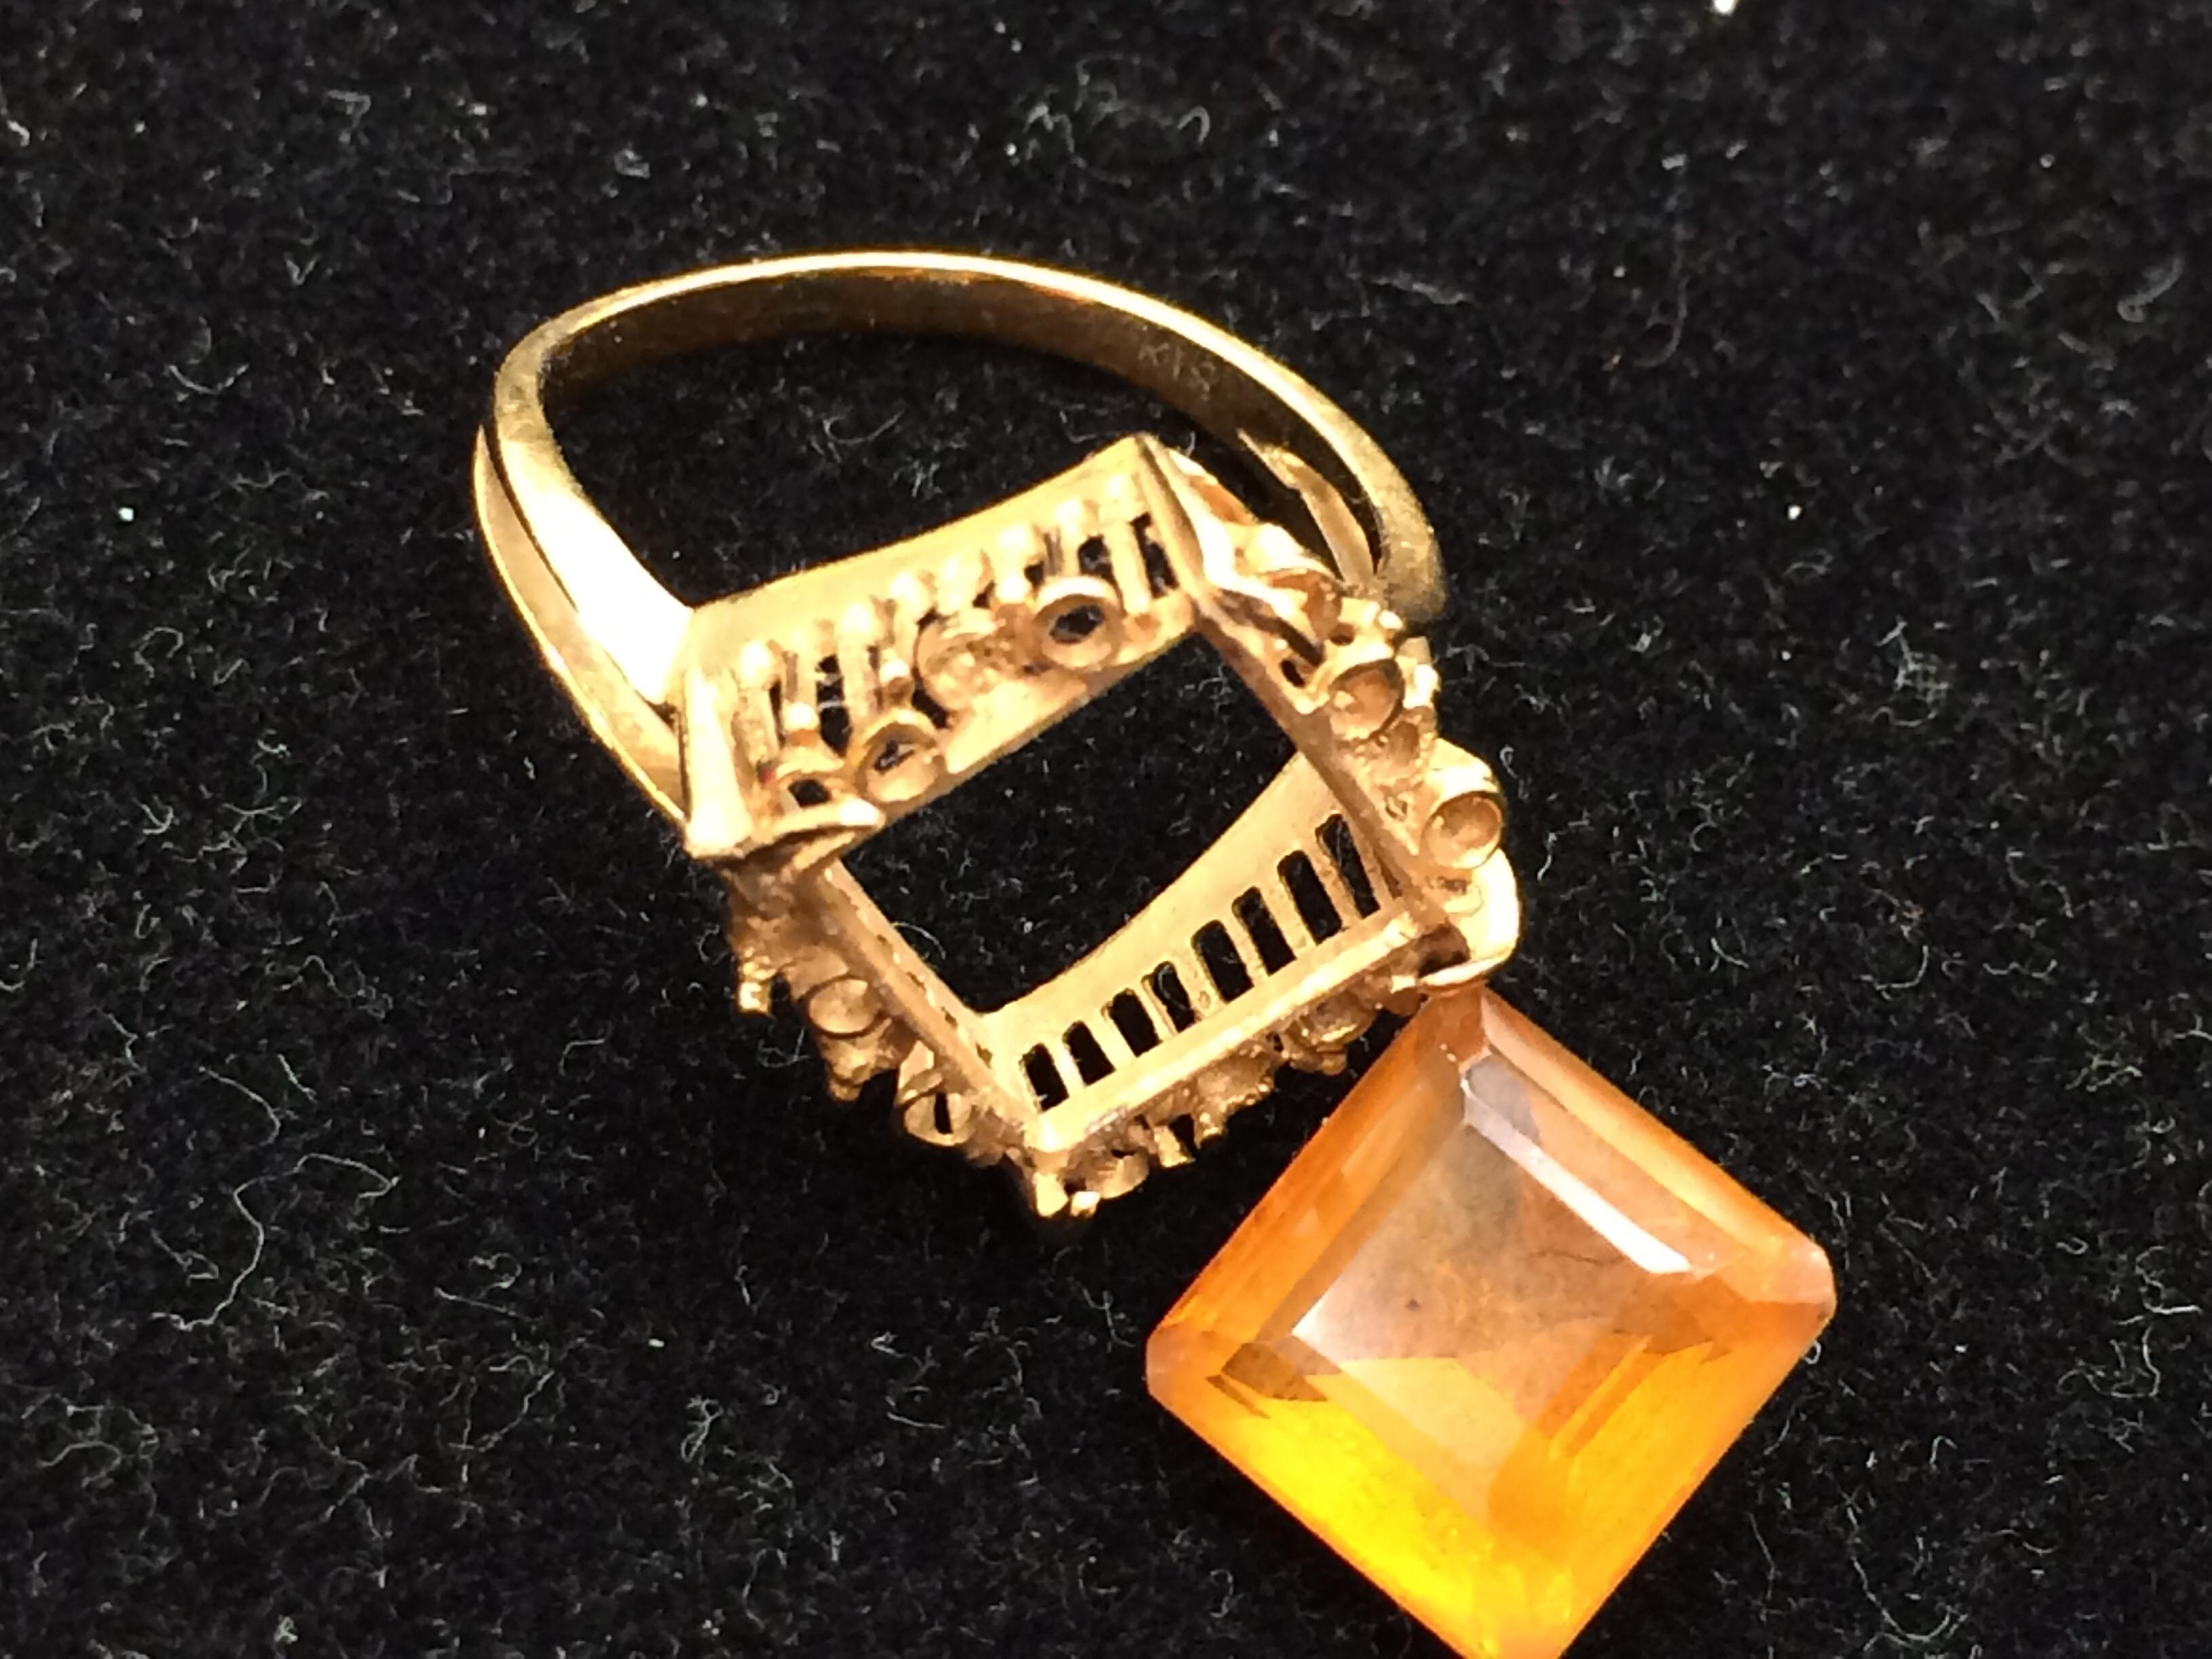 石が取れた指輪や昔流行った喜平(金のネックレス)も高く買取!武蔵村山 瑞穂 羽村 青梅